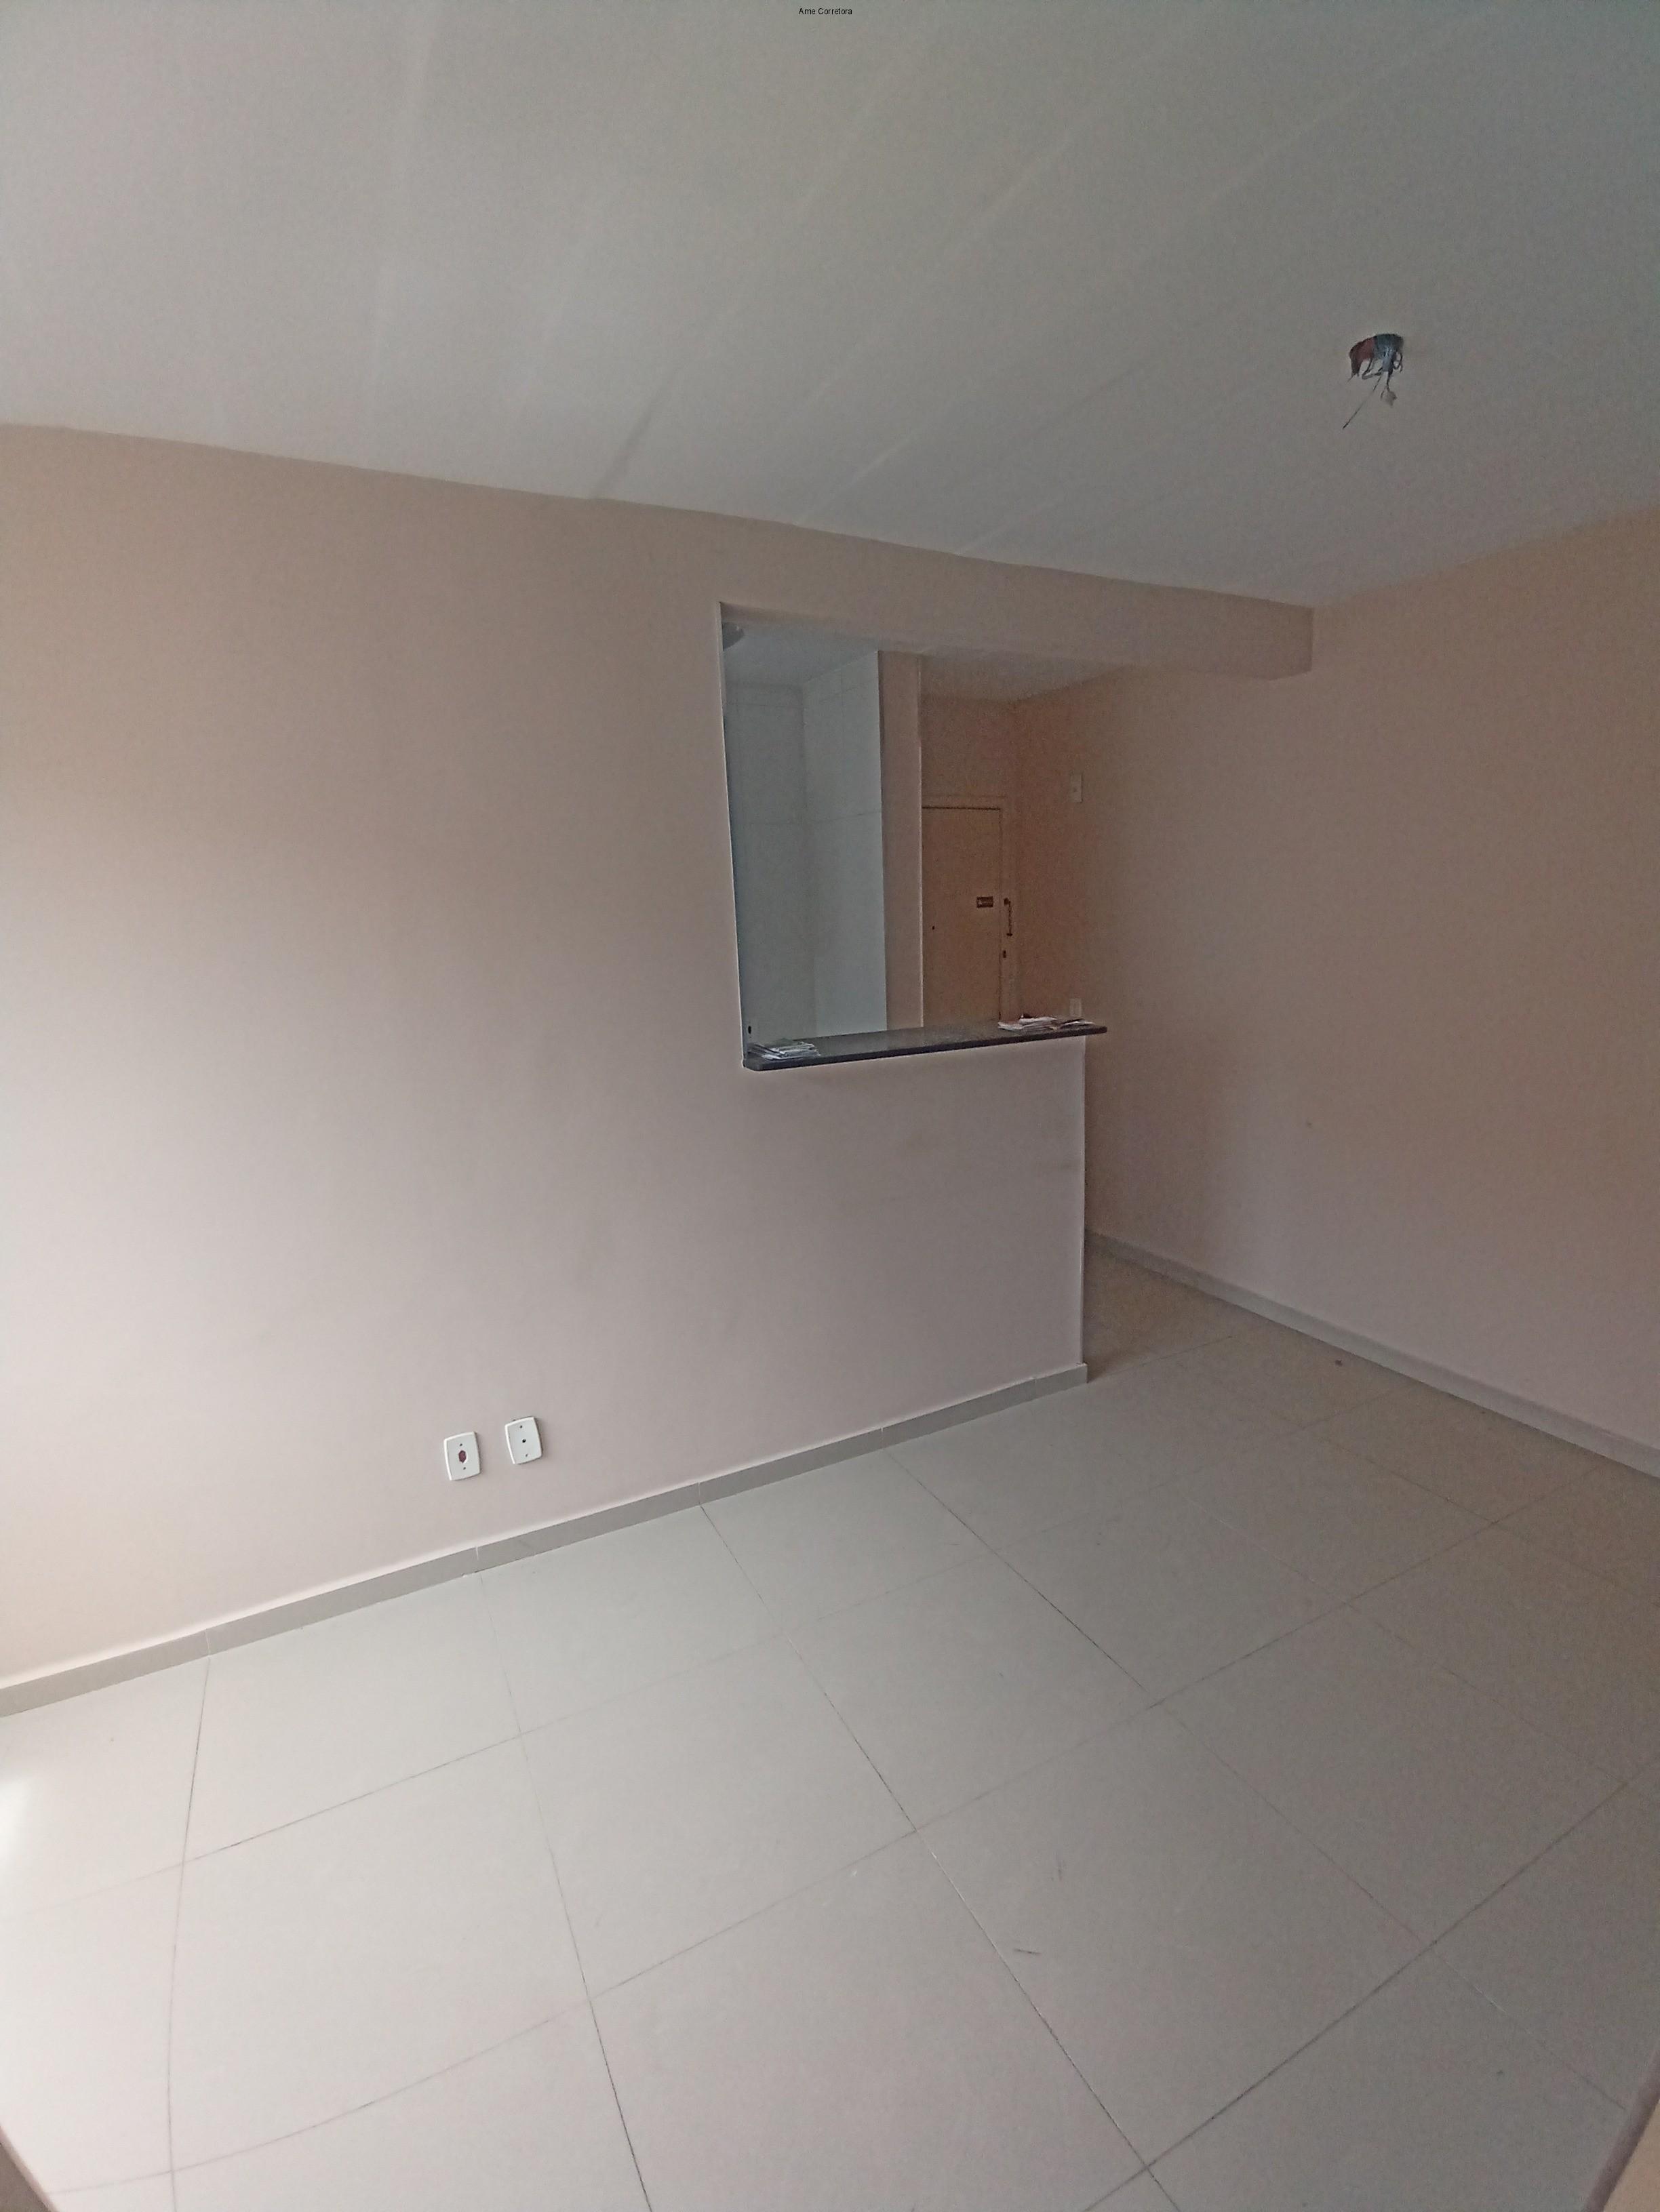 FOTO 08 - Apartamento 2 quartos para alugar Campo Grande, Rio de Janeiro - R$ 700 - AP00456 - 11